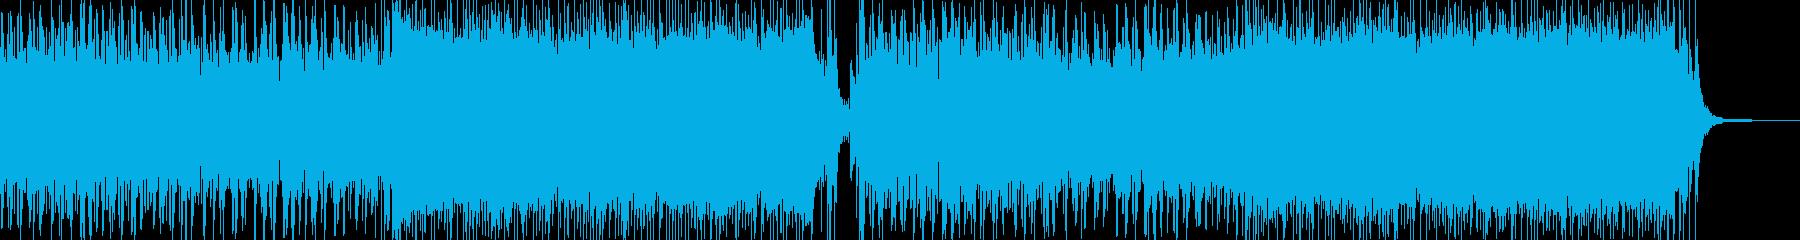 感動のラストバトル曲の再生済みの波形